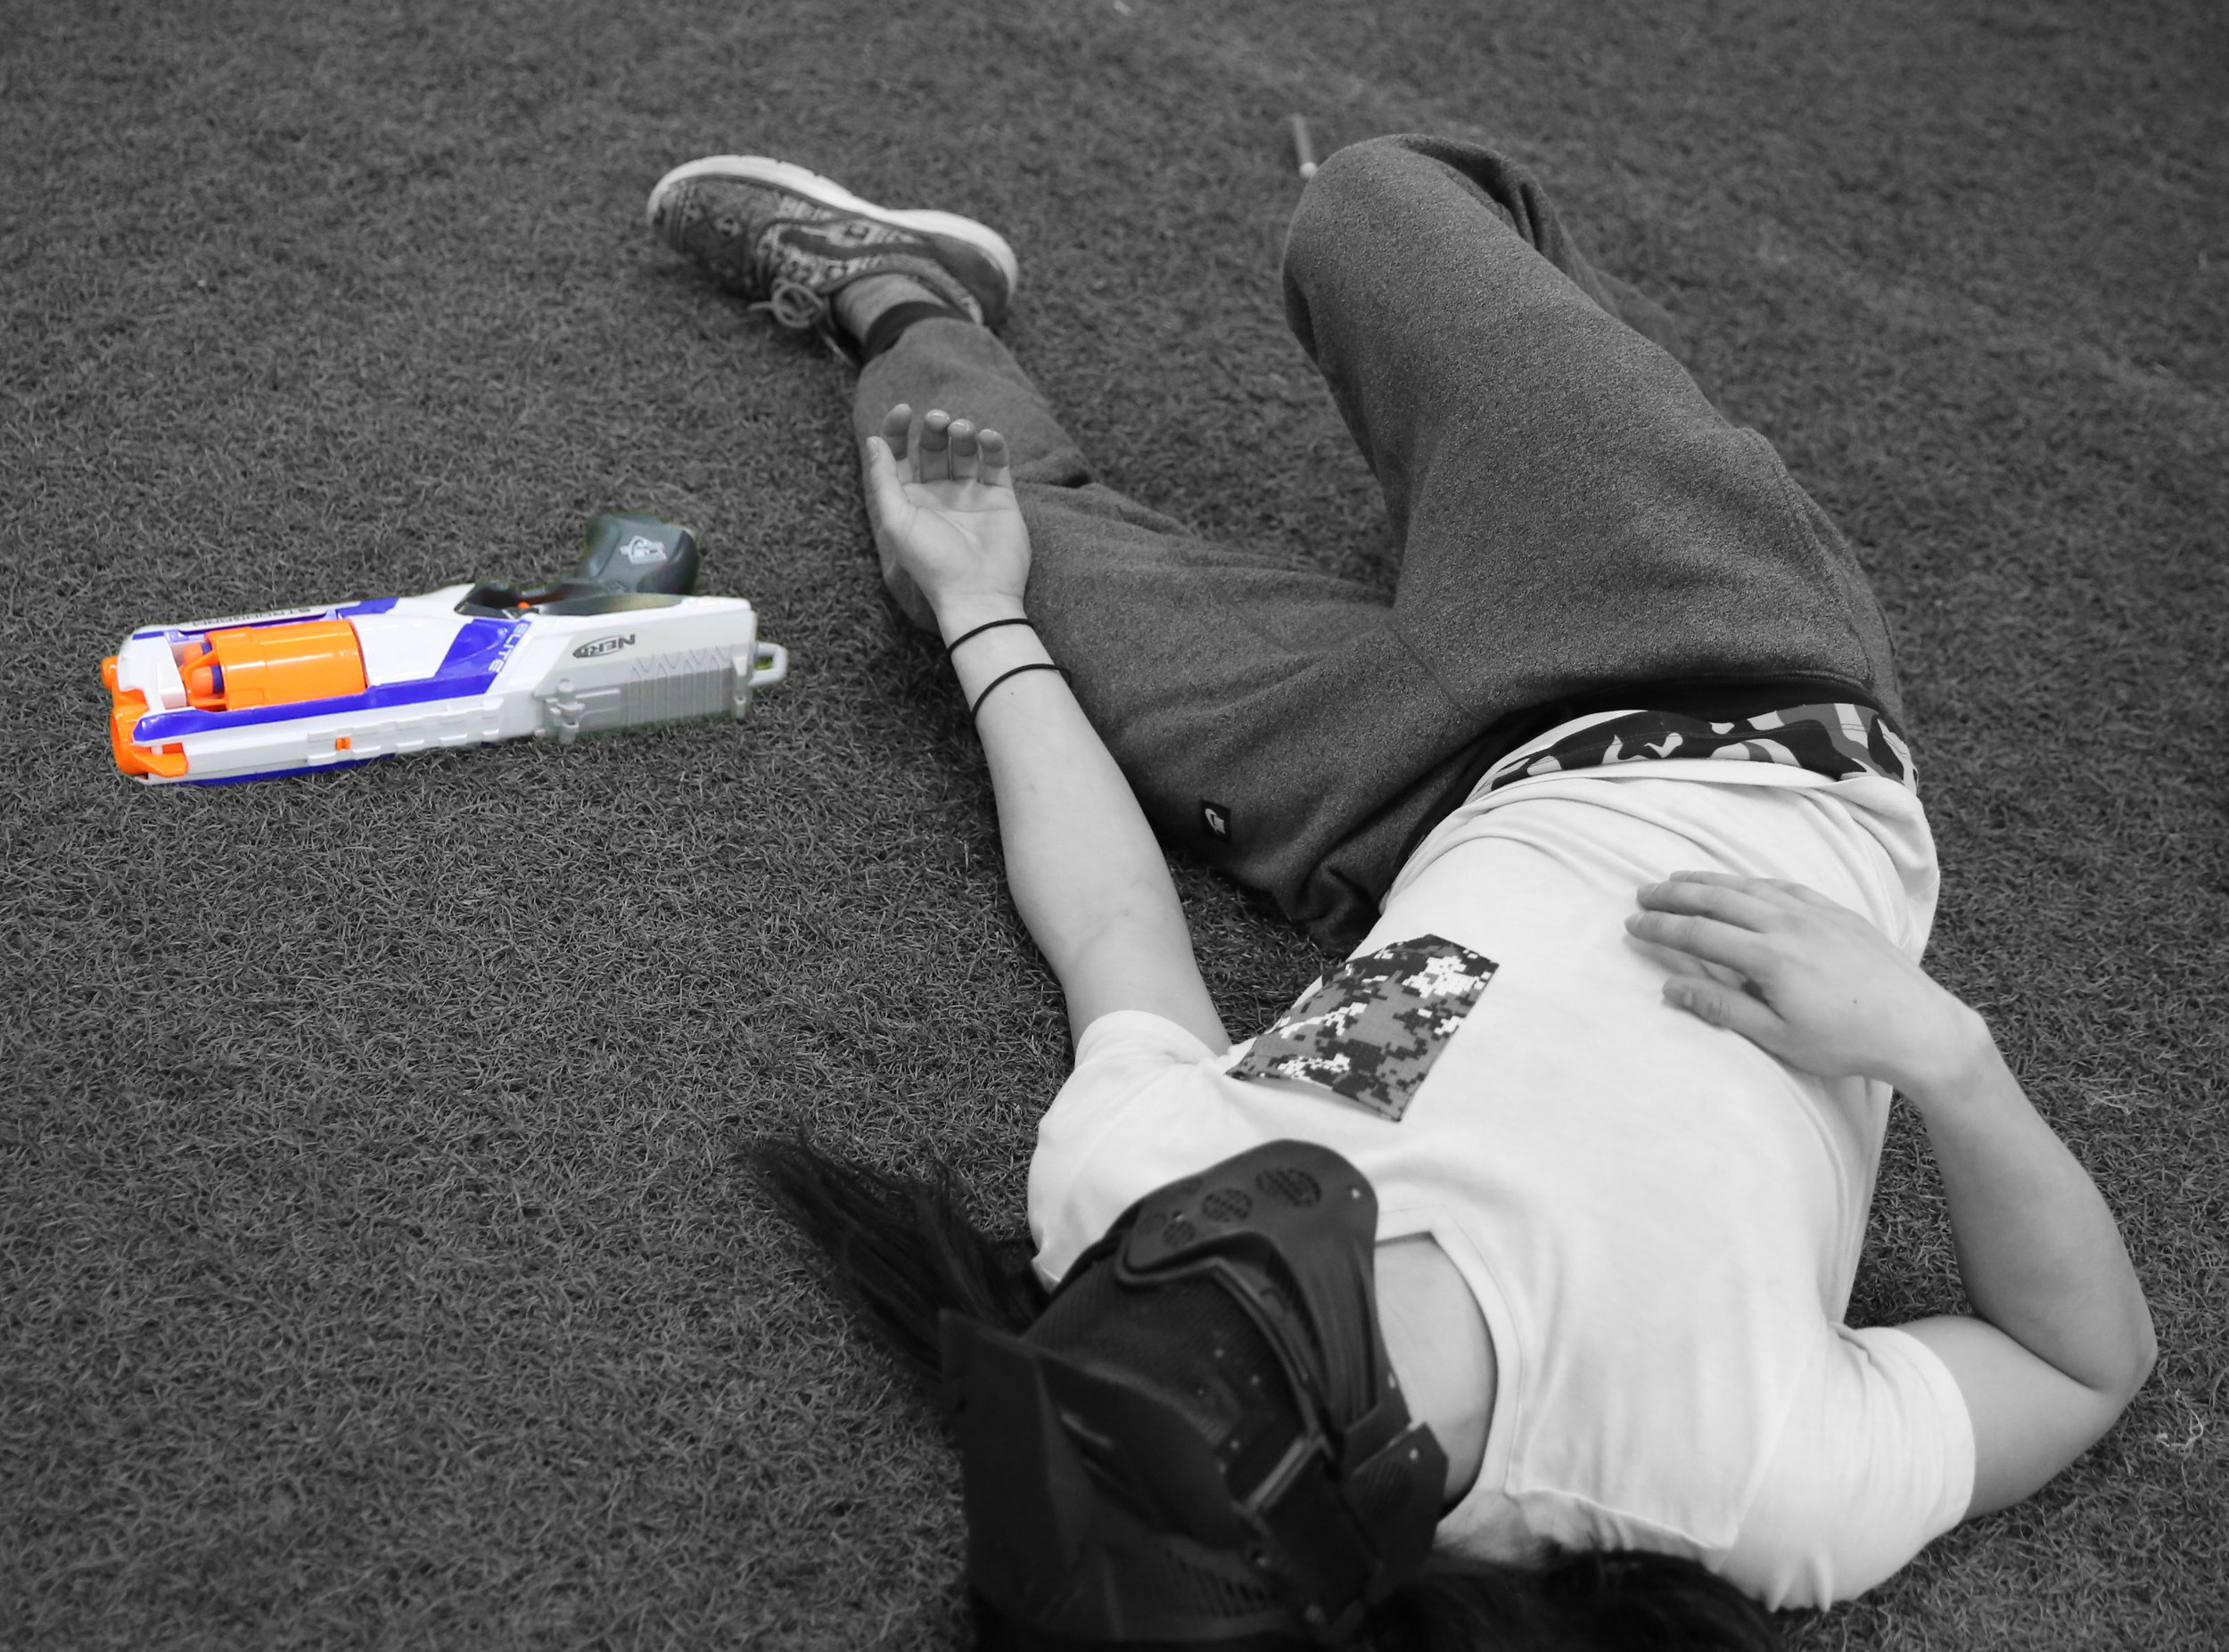 Nerf-Mike dead.jpg